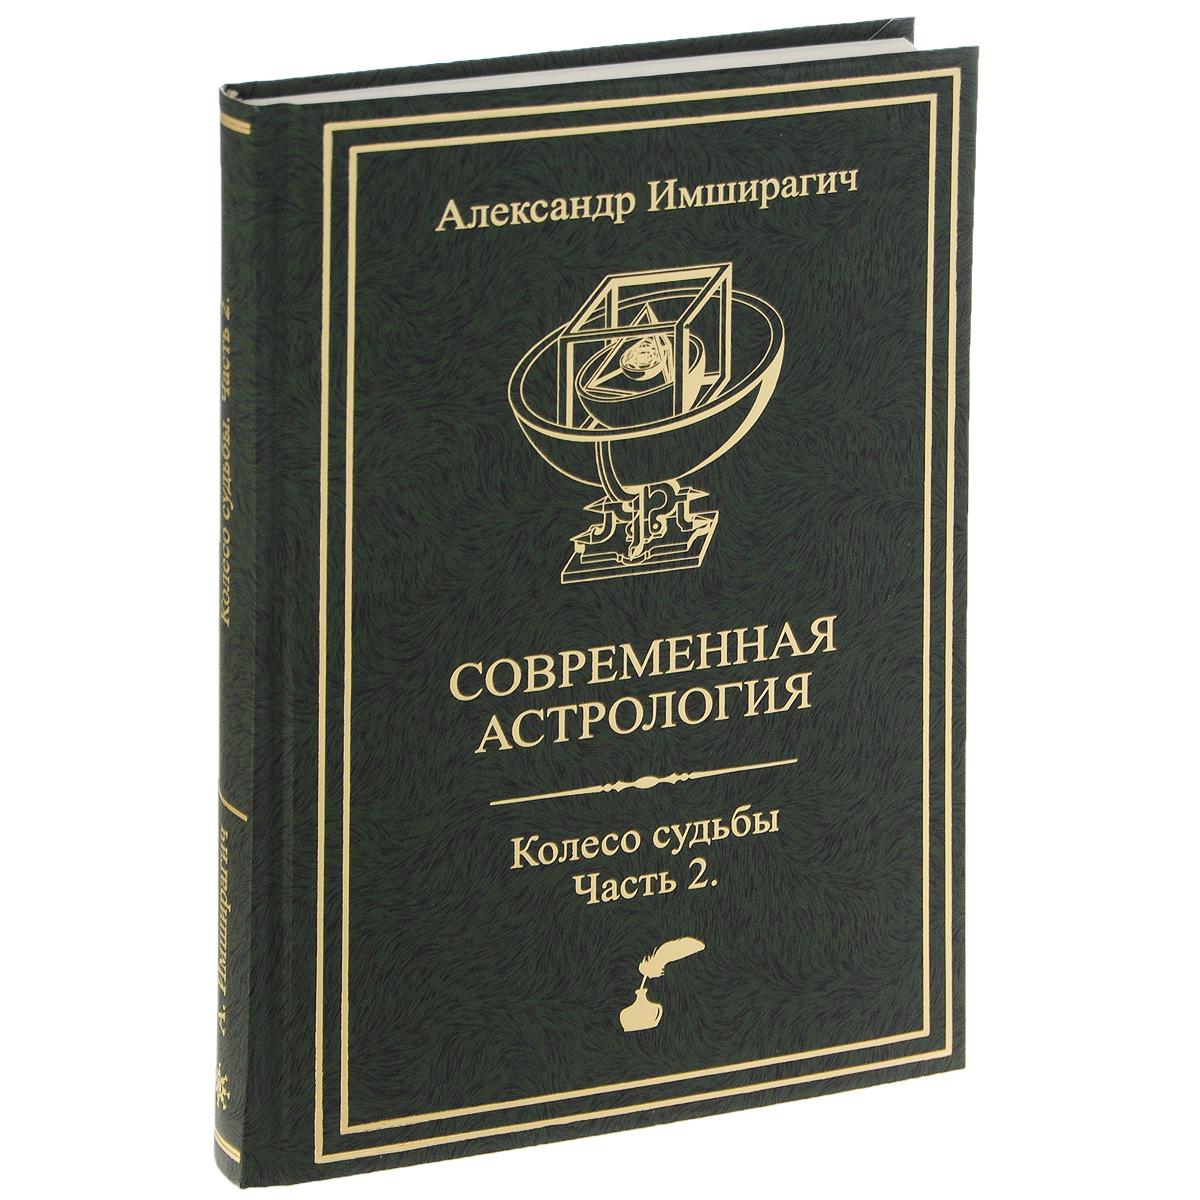 Современная астрология. Колесо судьбы. Часть 2. Александр Имширагич